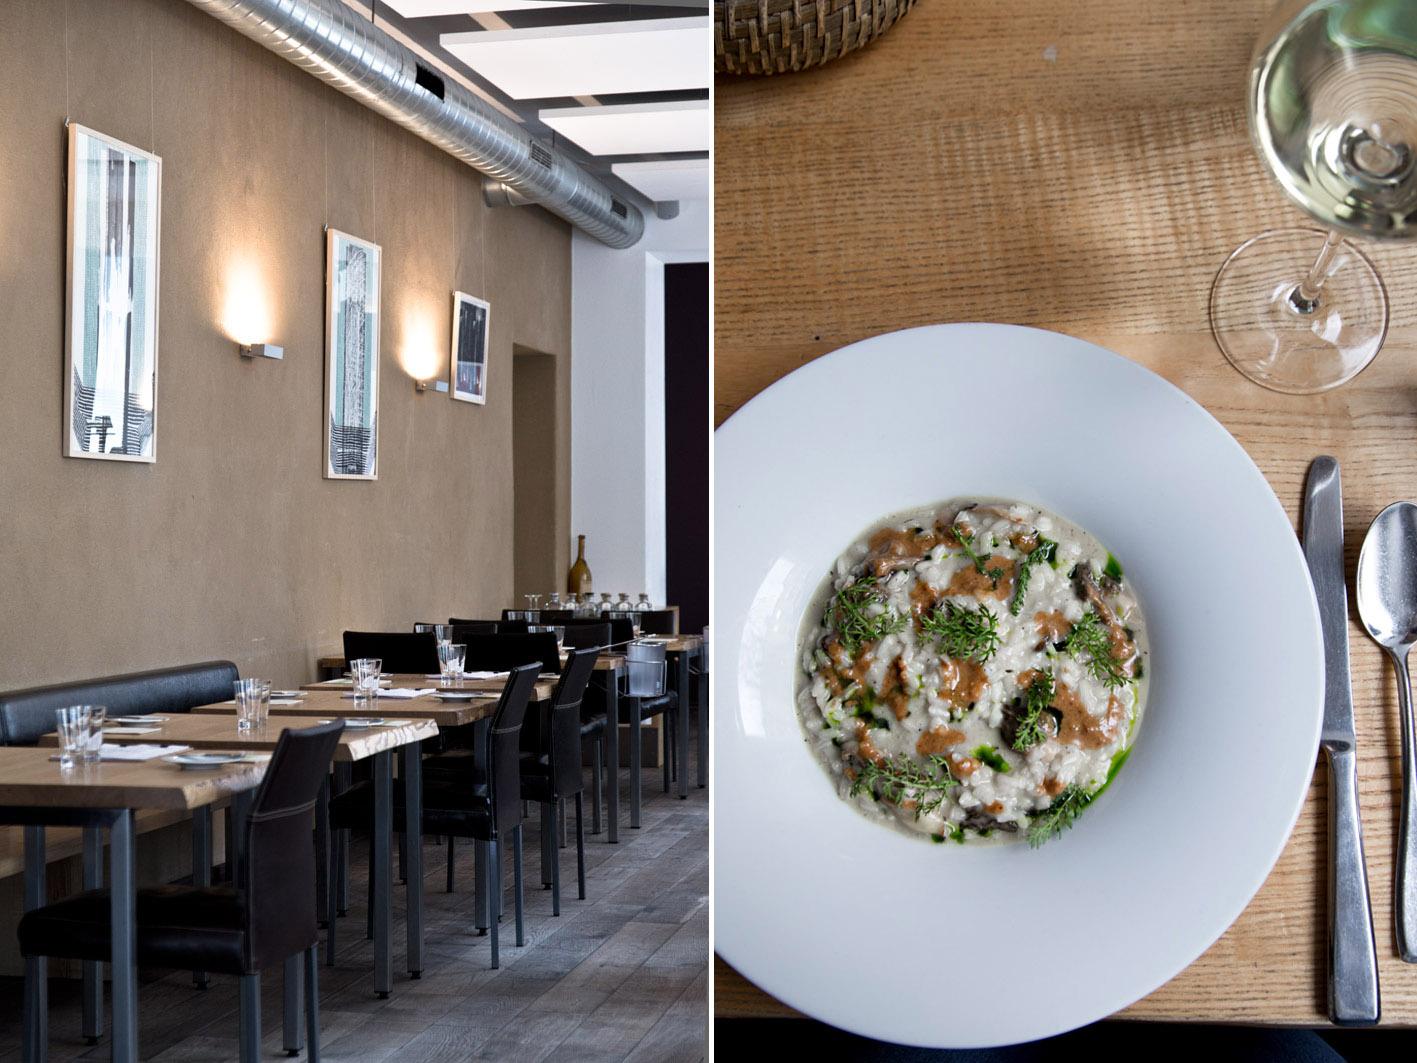 pilz risotto restaurant